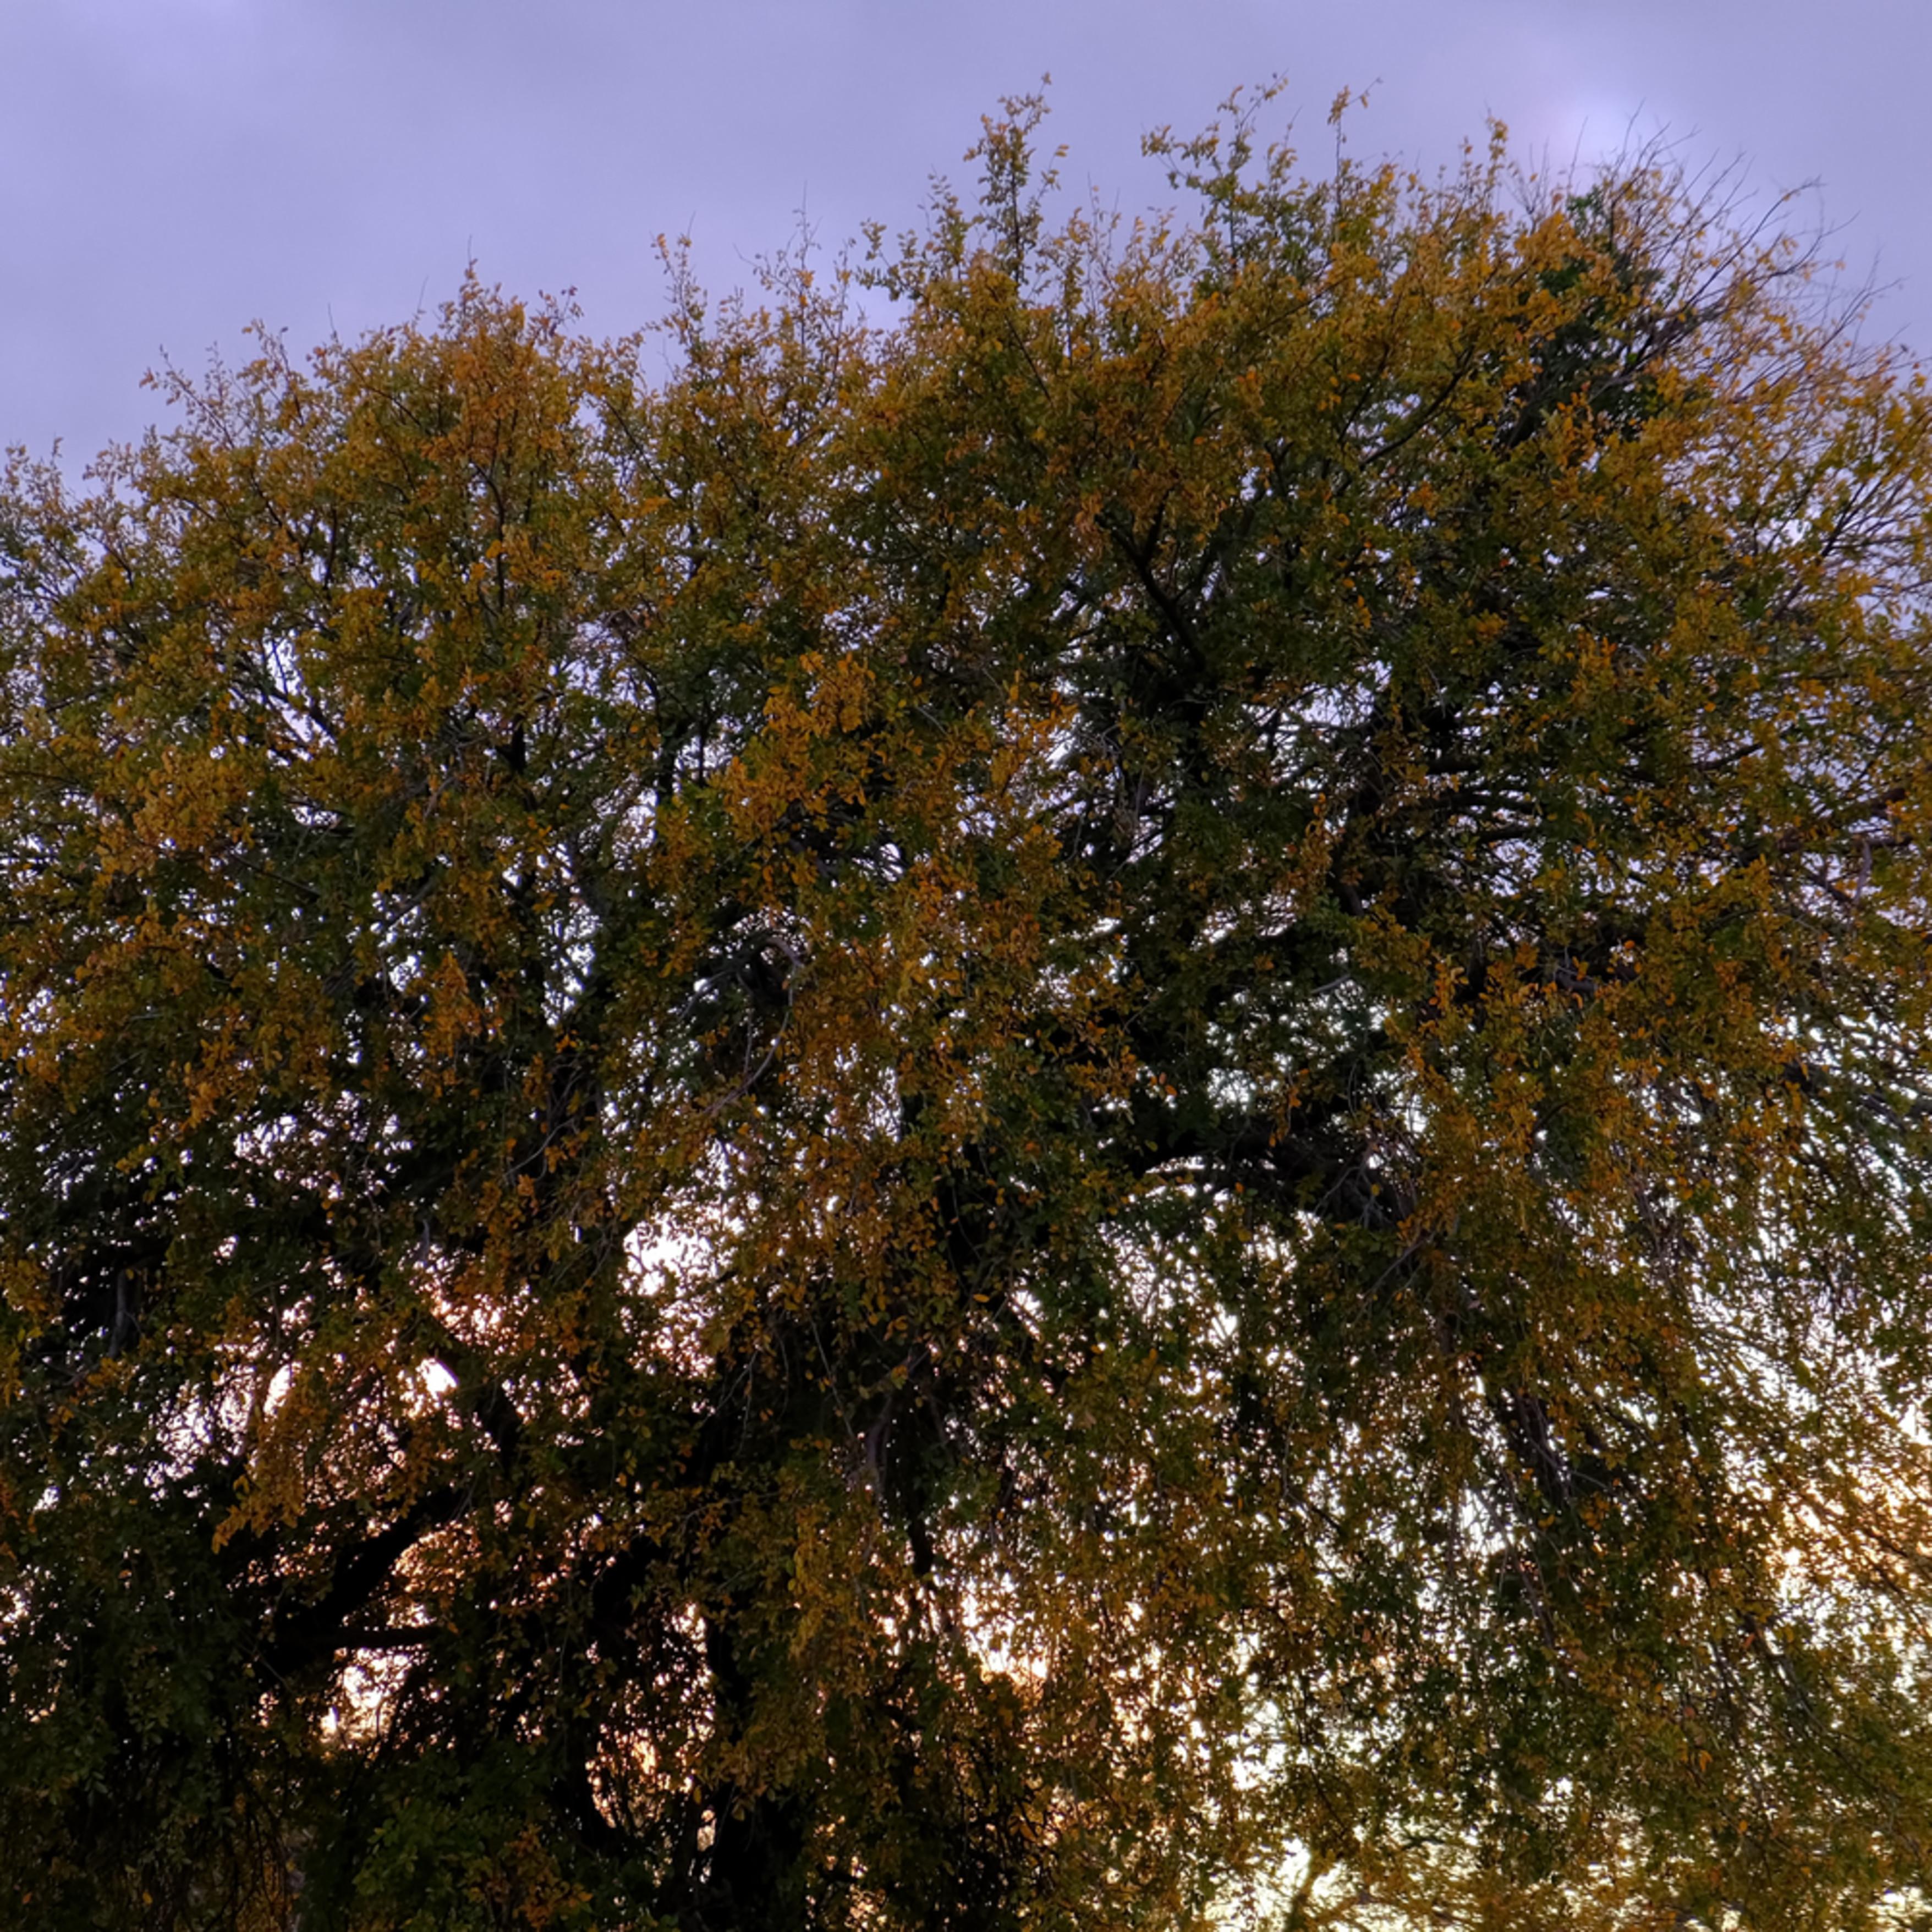 Sunset over texas 77 uaqzwb